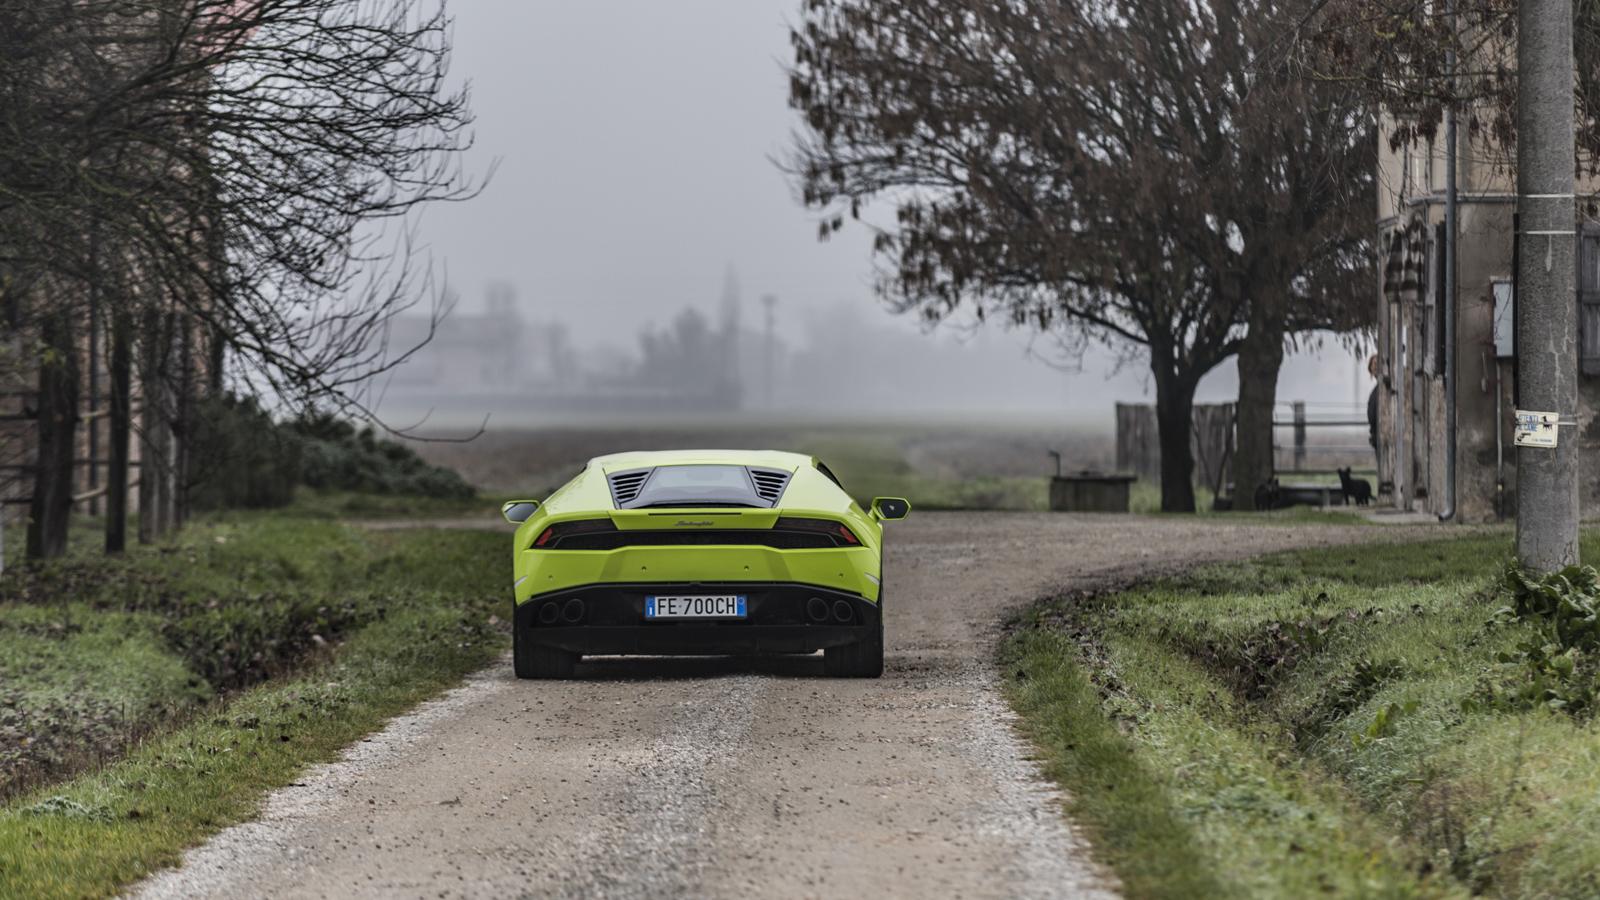 Test_Drive_Lamborghini_Huracan_LP610-4_03